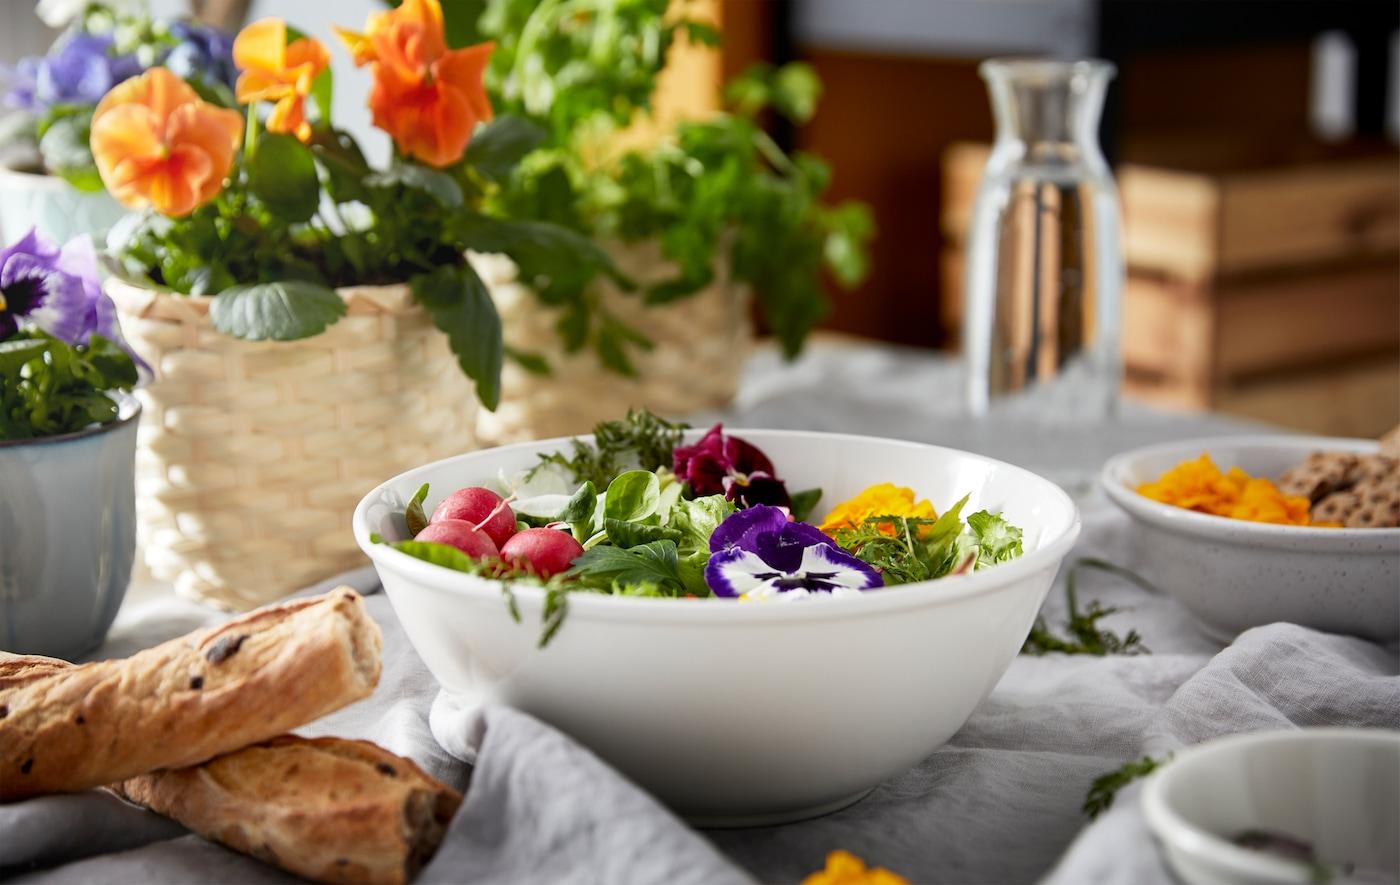 Frühstückstisch mit verschiedenen Brotsorten, einem Blumentopf und einer Schüssel mit garniertem Salat